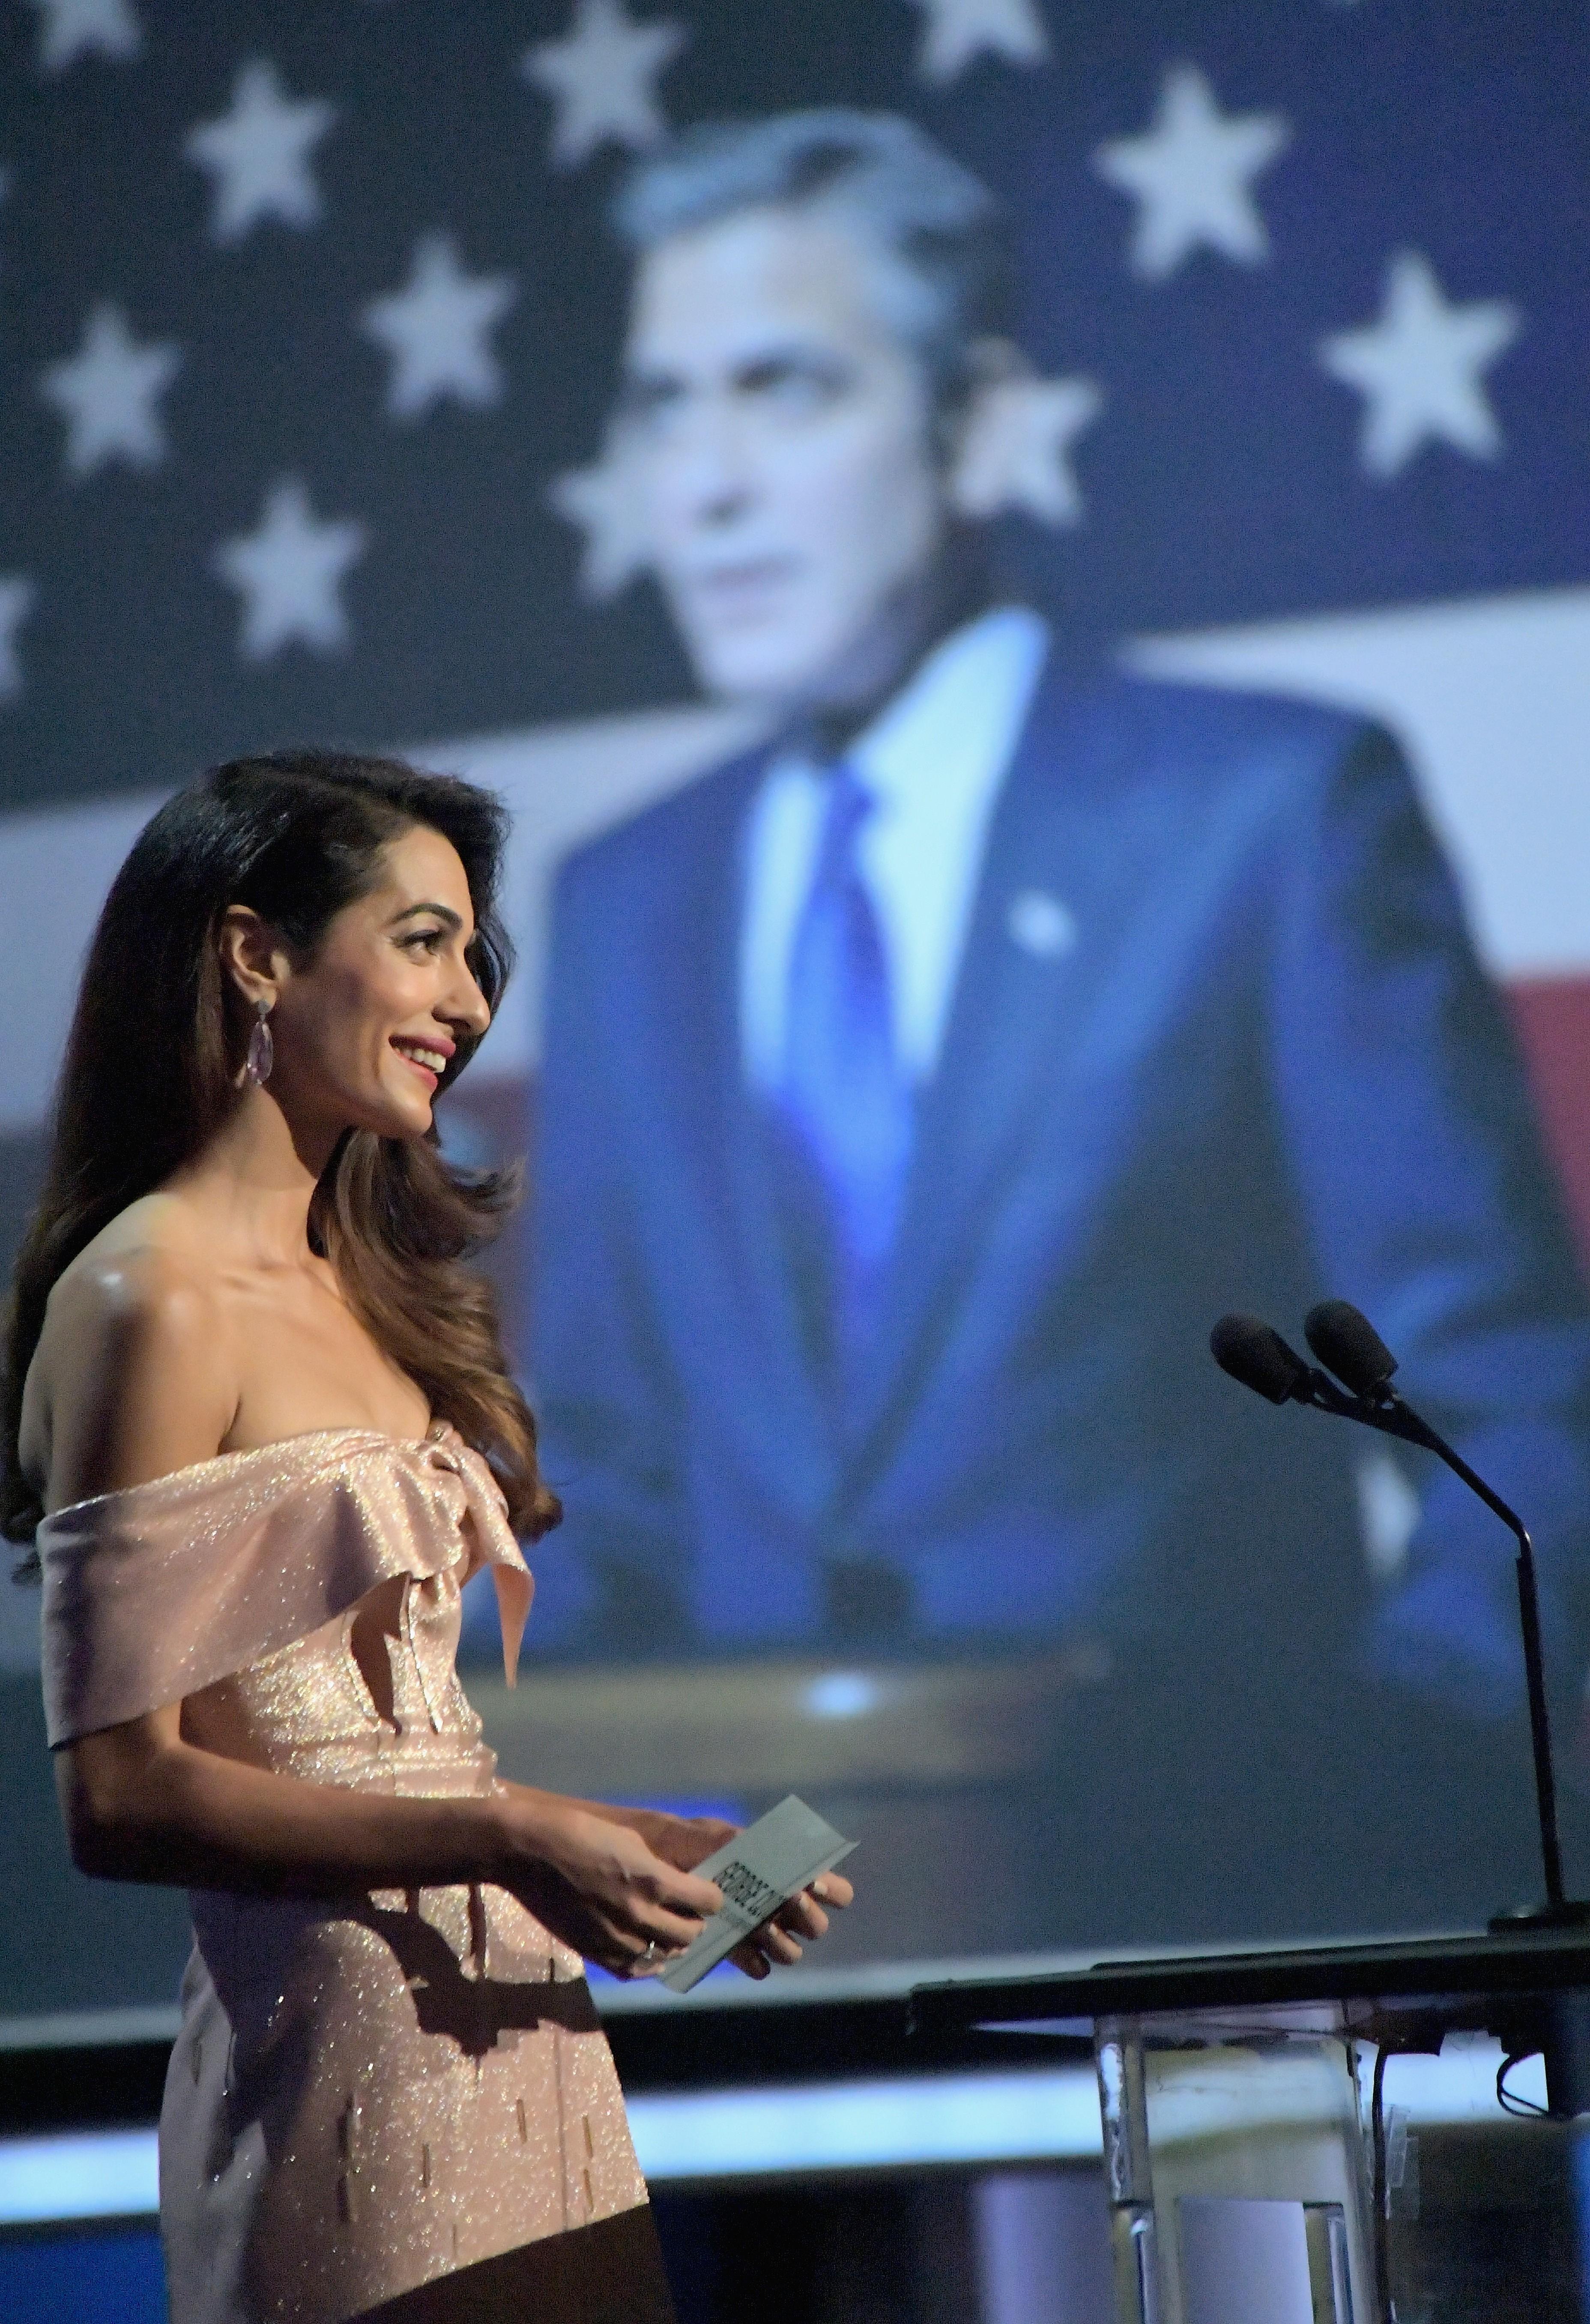 A advogada Amal Clooney em seu discurso em homenagem ao marido, o ator George Clooney (Foto: Getty Images)